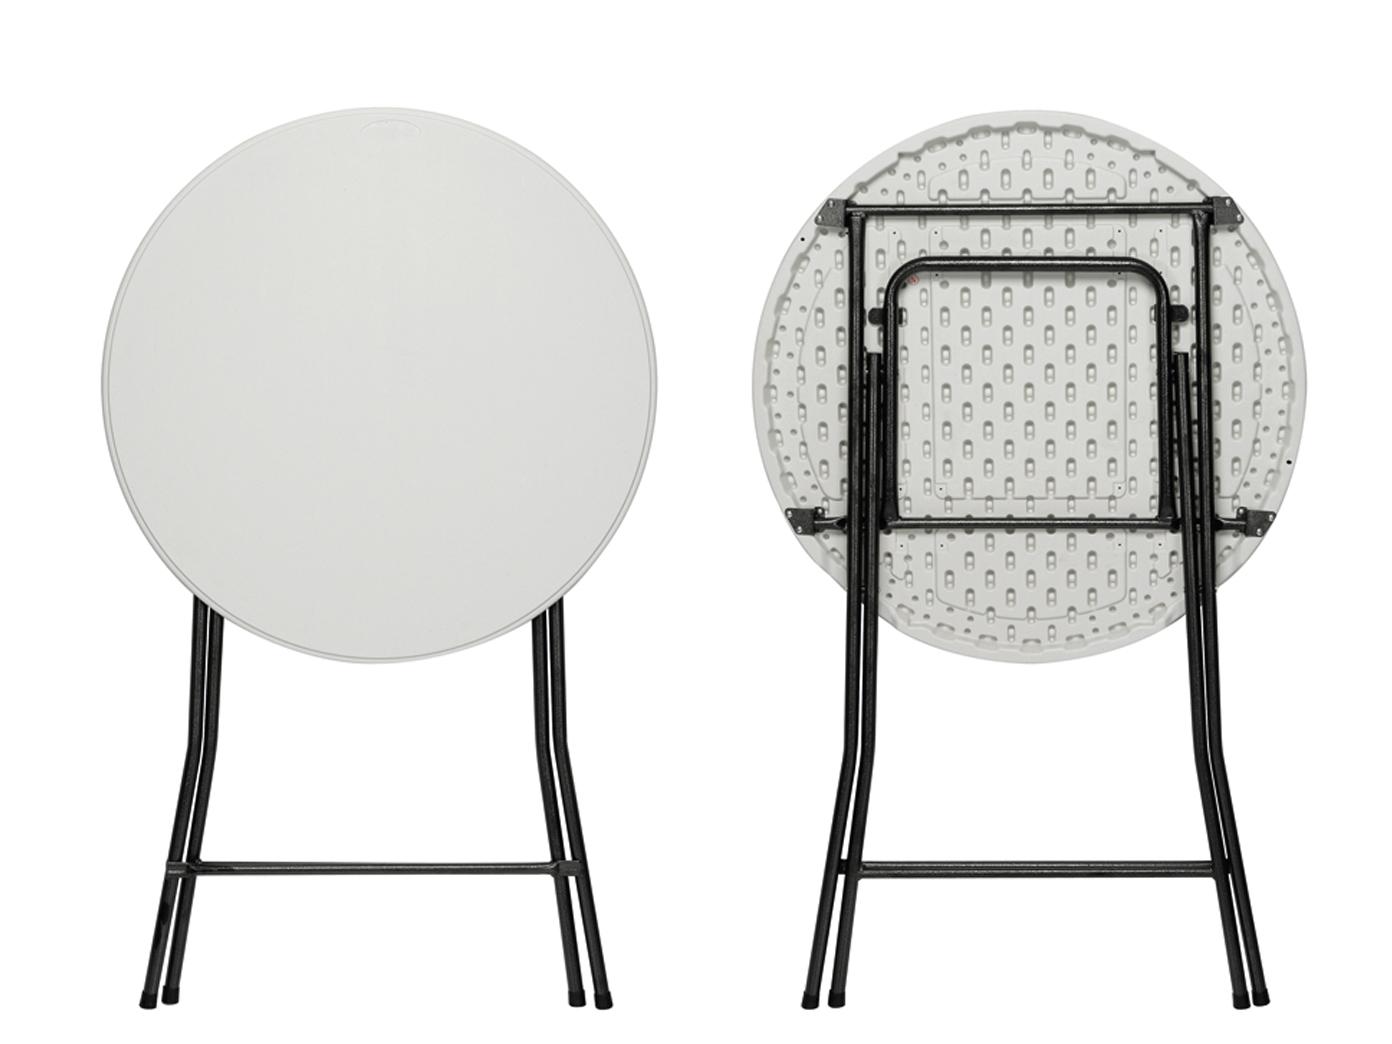 wei er stehtisch klappbar 80cm wetterfest beige husse gartentisch partytisch ebay. Black Bedroom Furniture Sets. Home Design Ideas